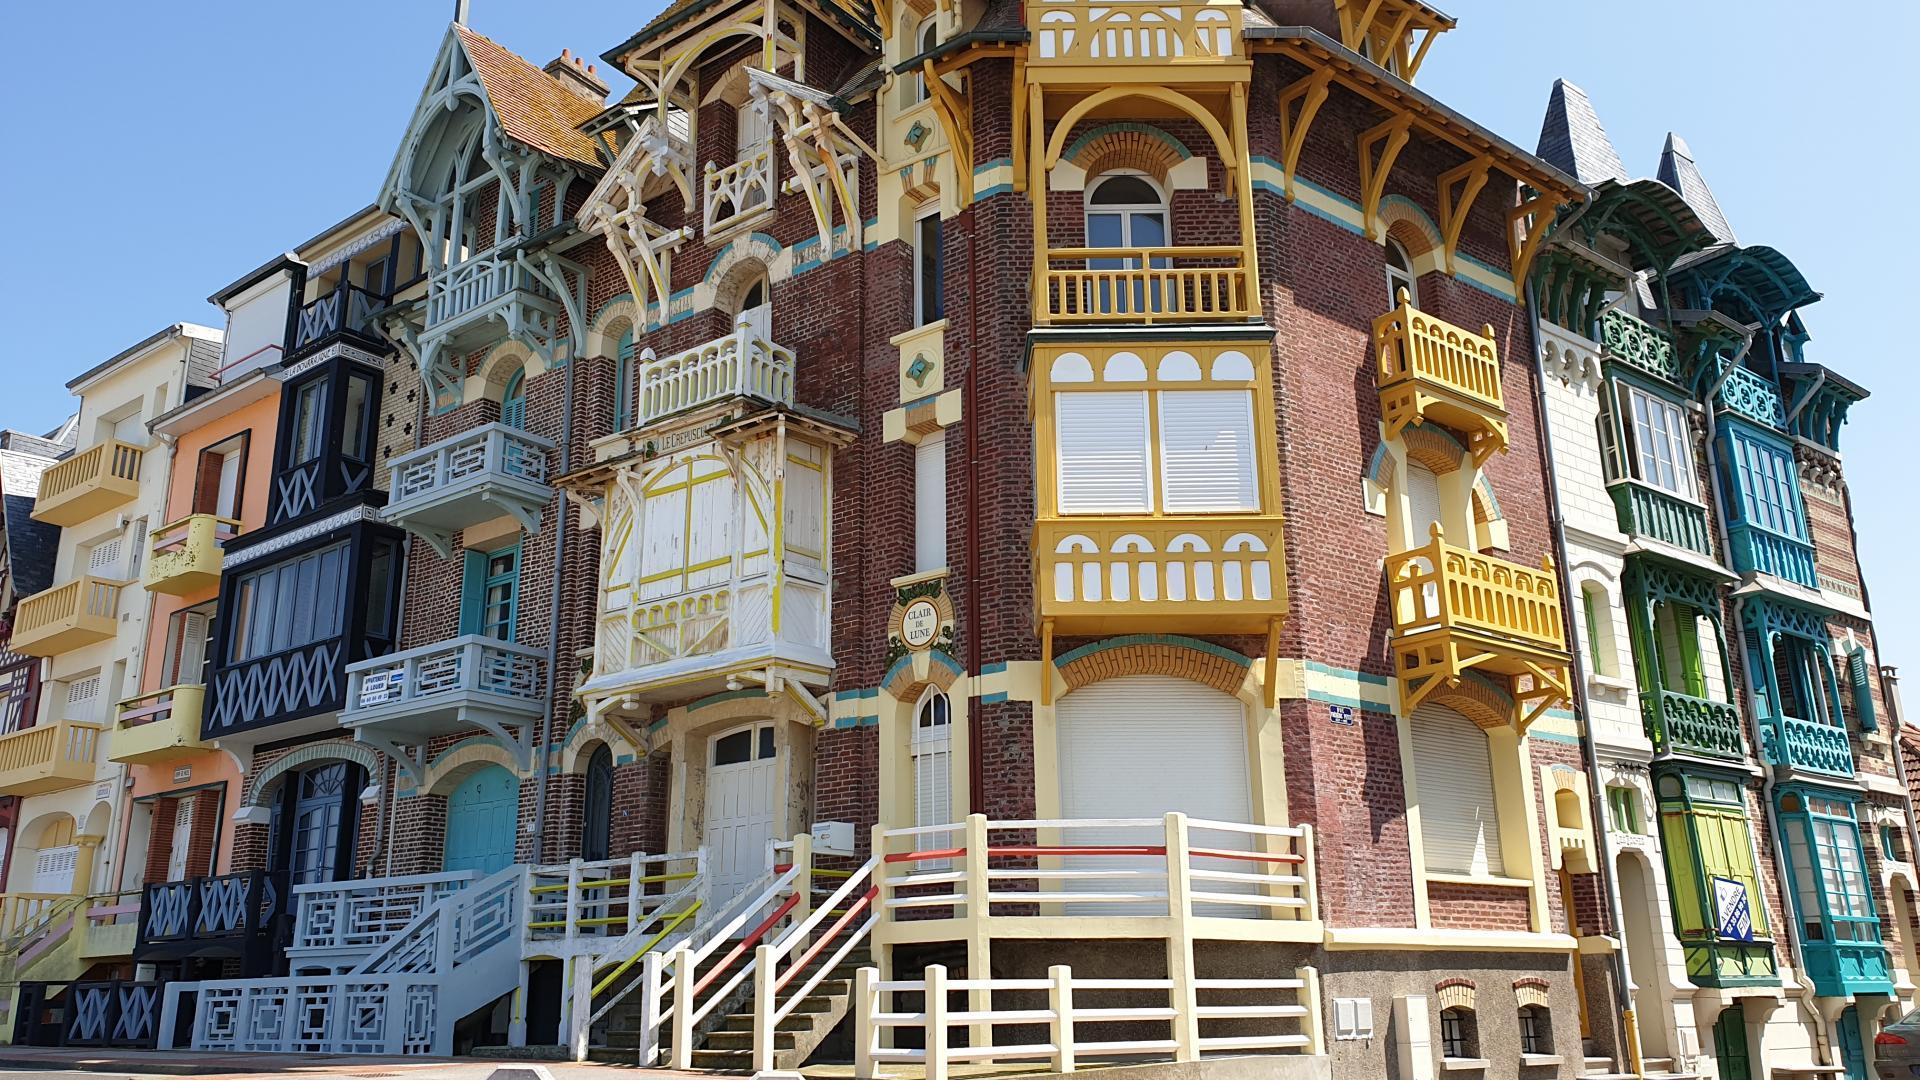 Les façades colorées des maisons de Mers-les-Bains